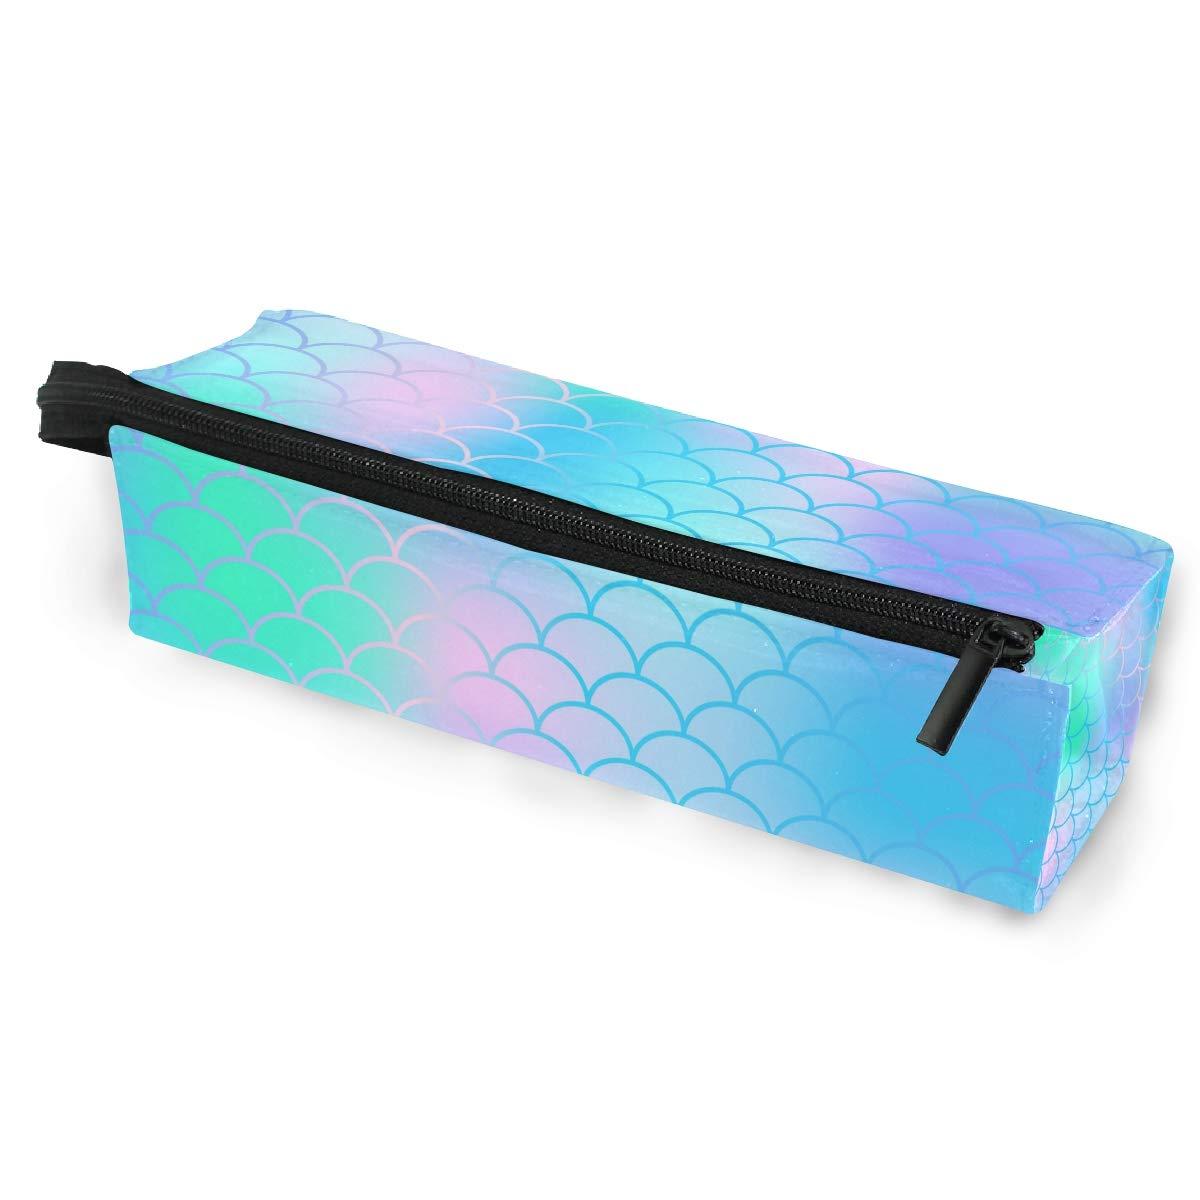 Magic Rainbow - Estuche portátil para gafas de sol, diseño de cola de sirena, caja suave para mujeres y niñas, con cremallera, color rosa, verde y morado: Amazon.es: Oficina y papelería